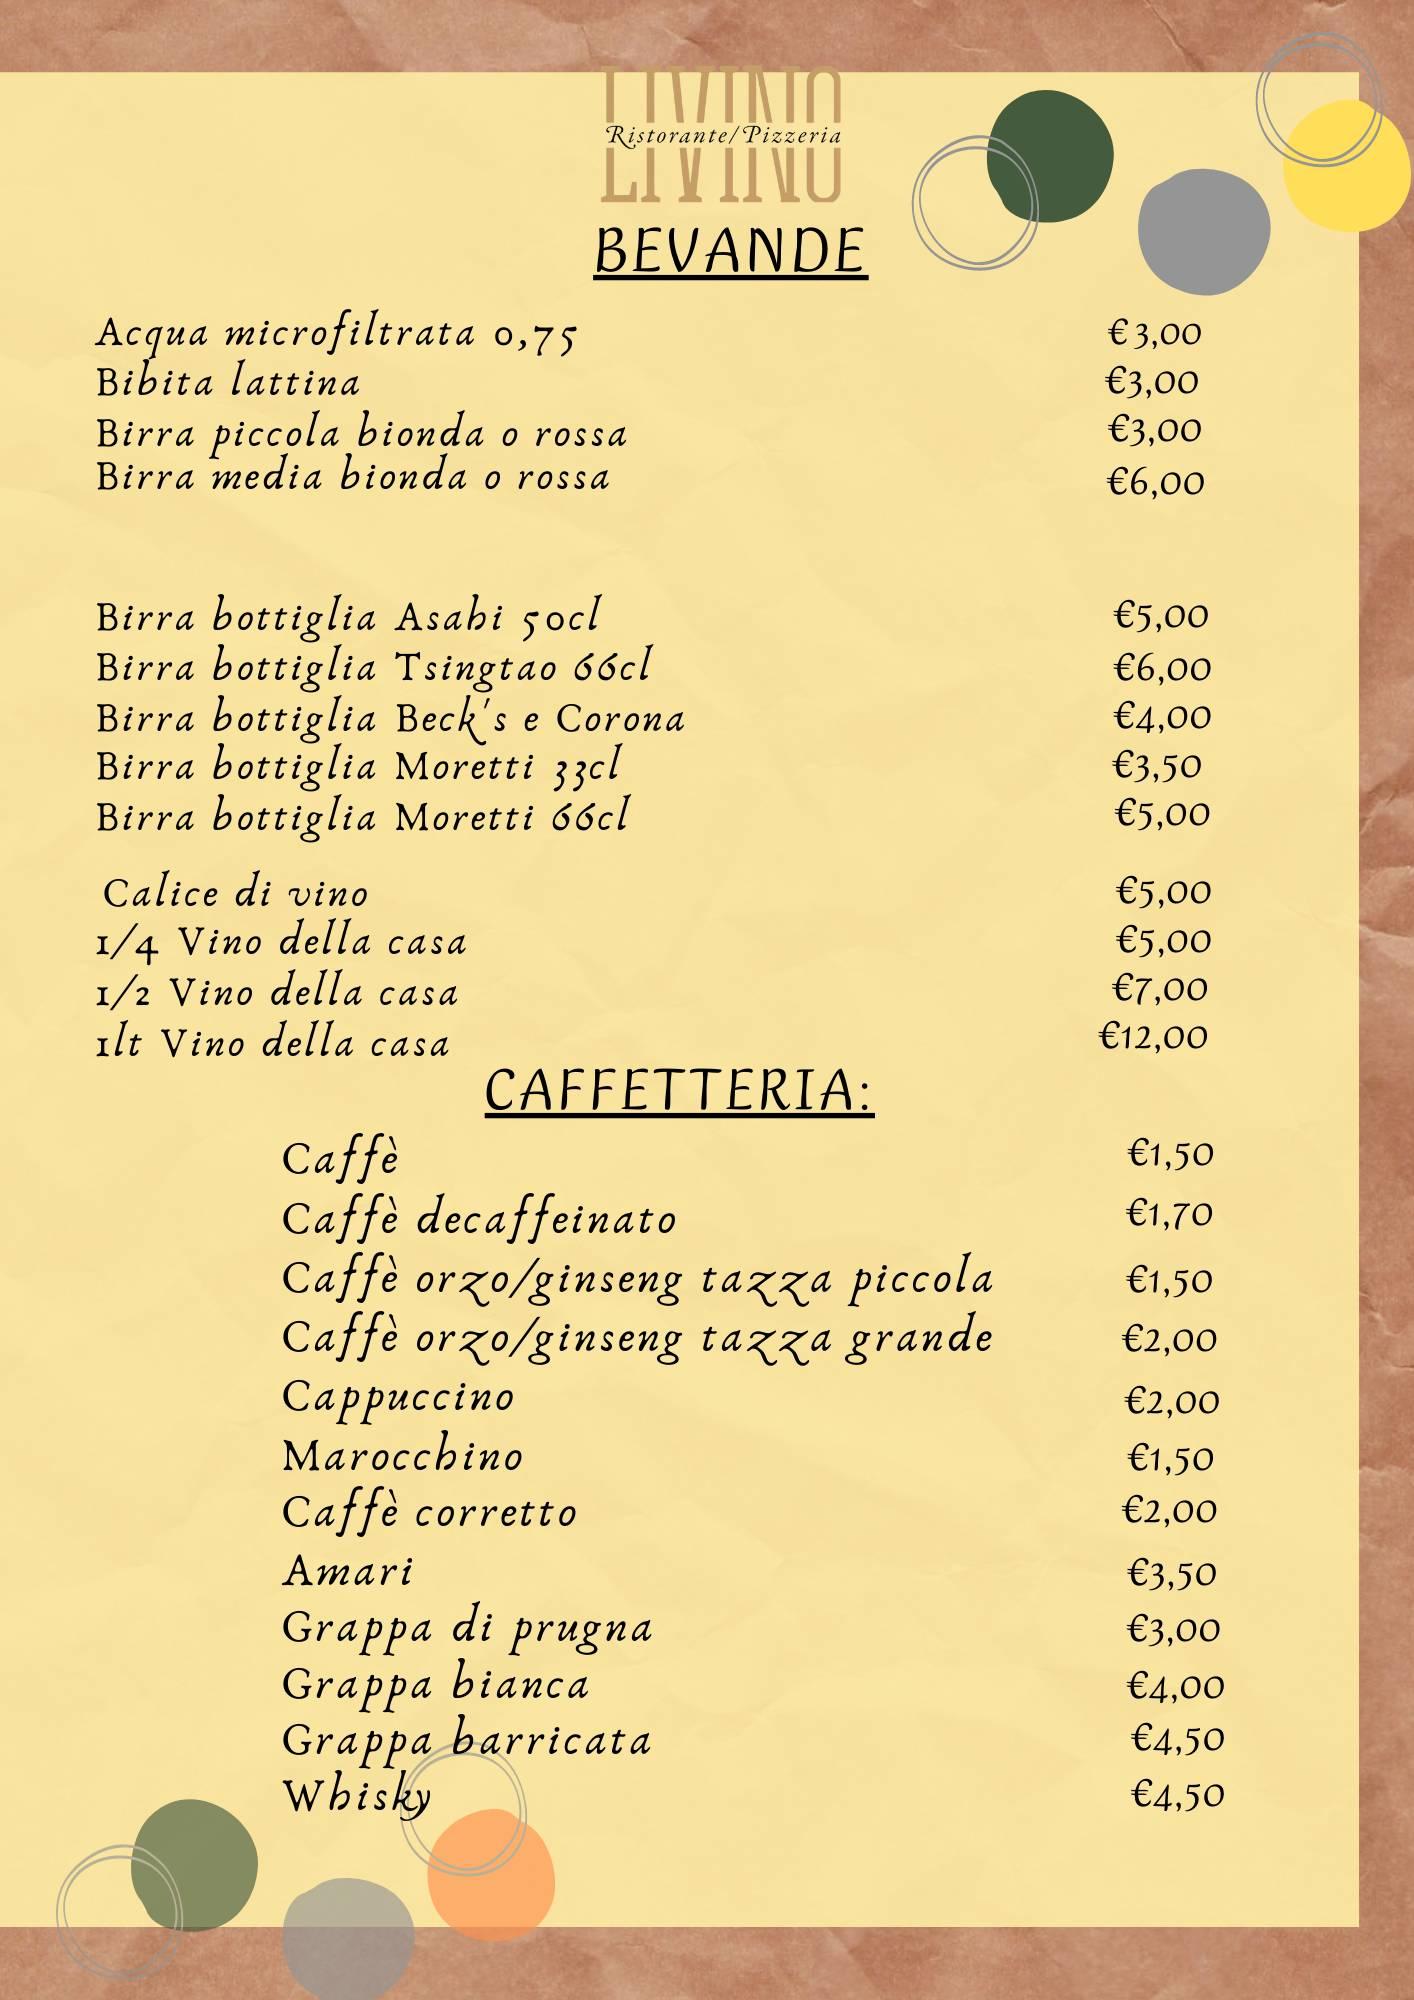 Bevande e Carta dei vini